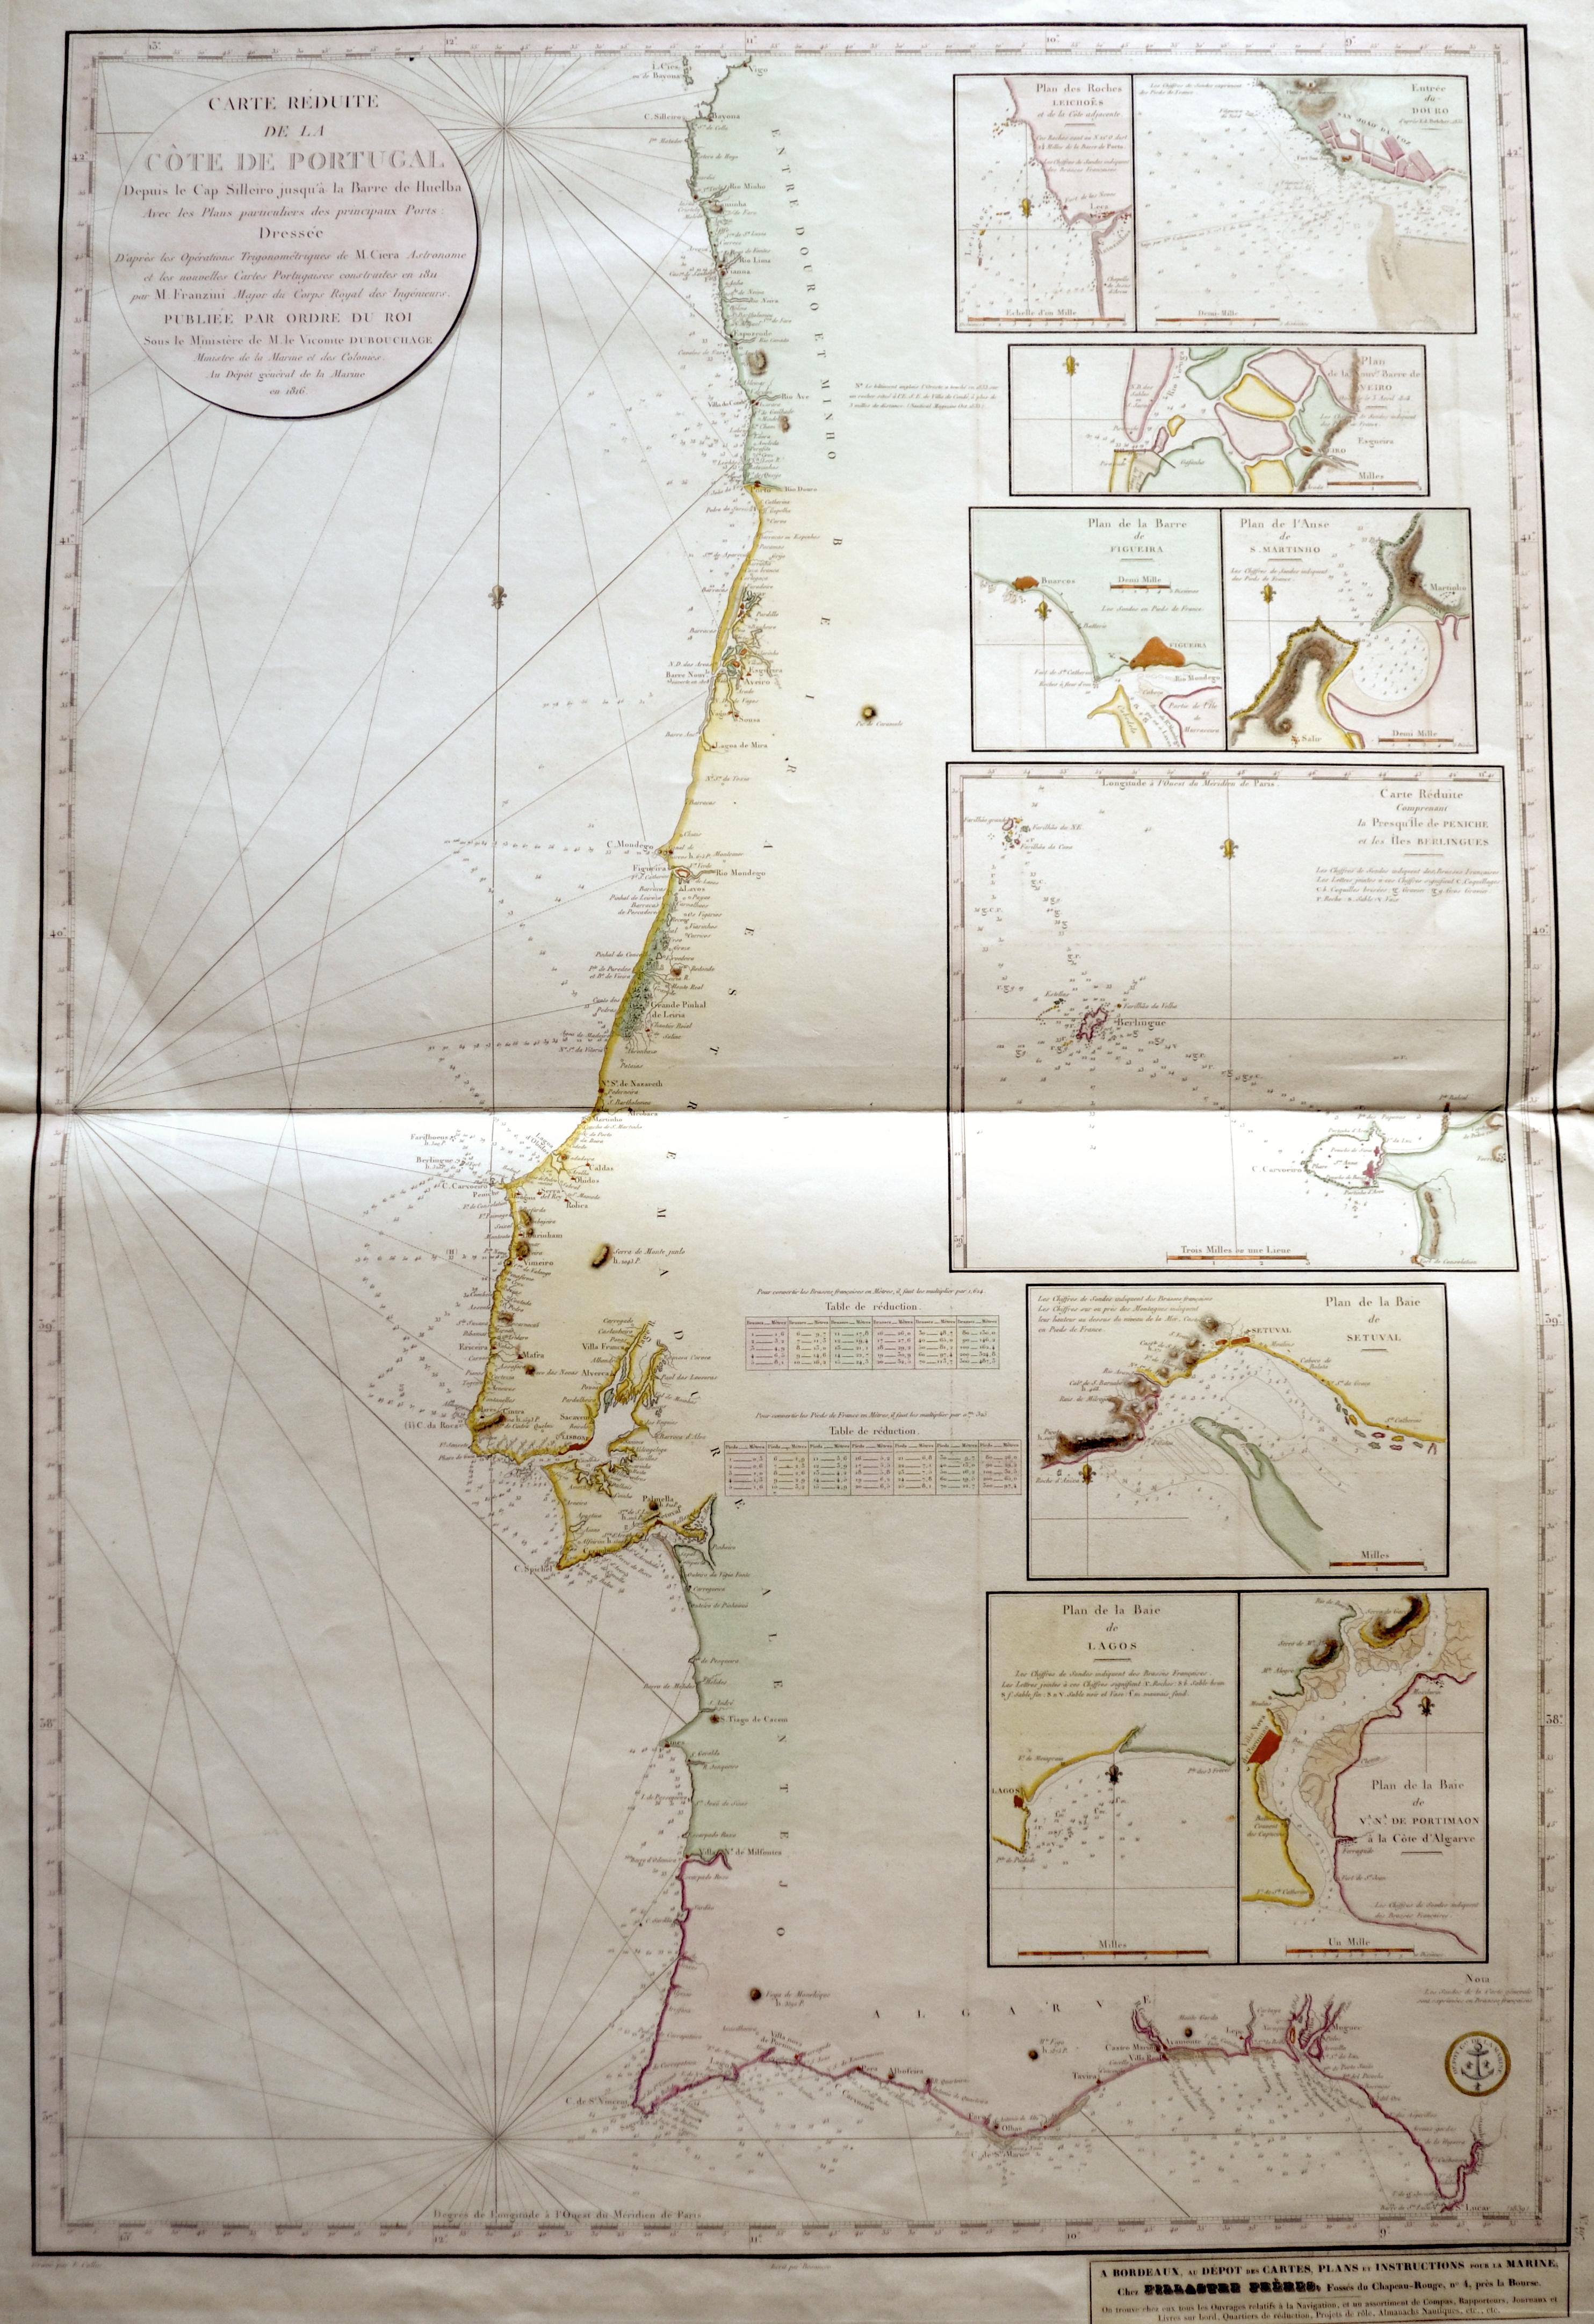 Depot de la Marine  Carte Réduite de la Còte de Portugal